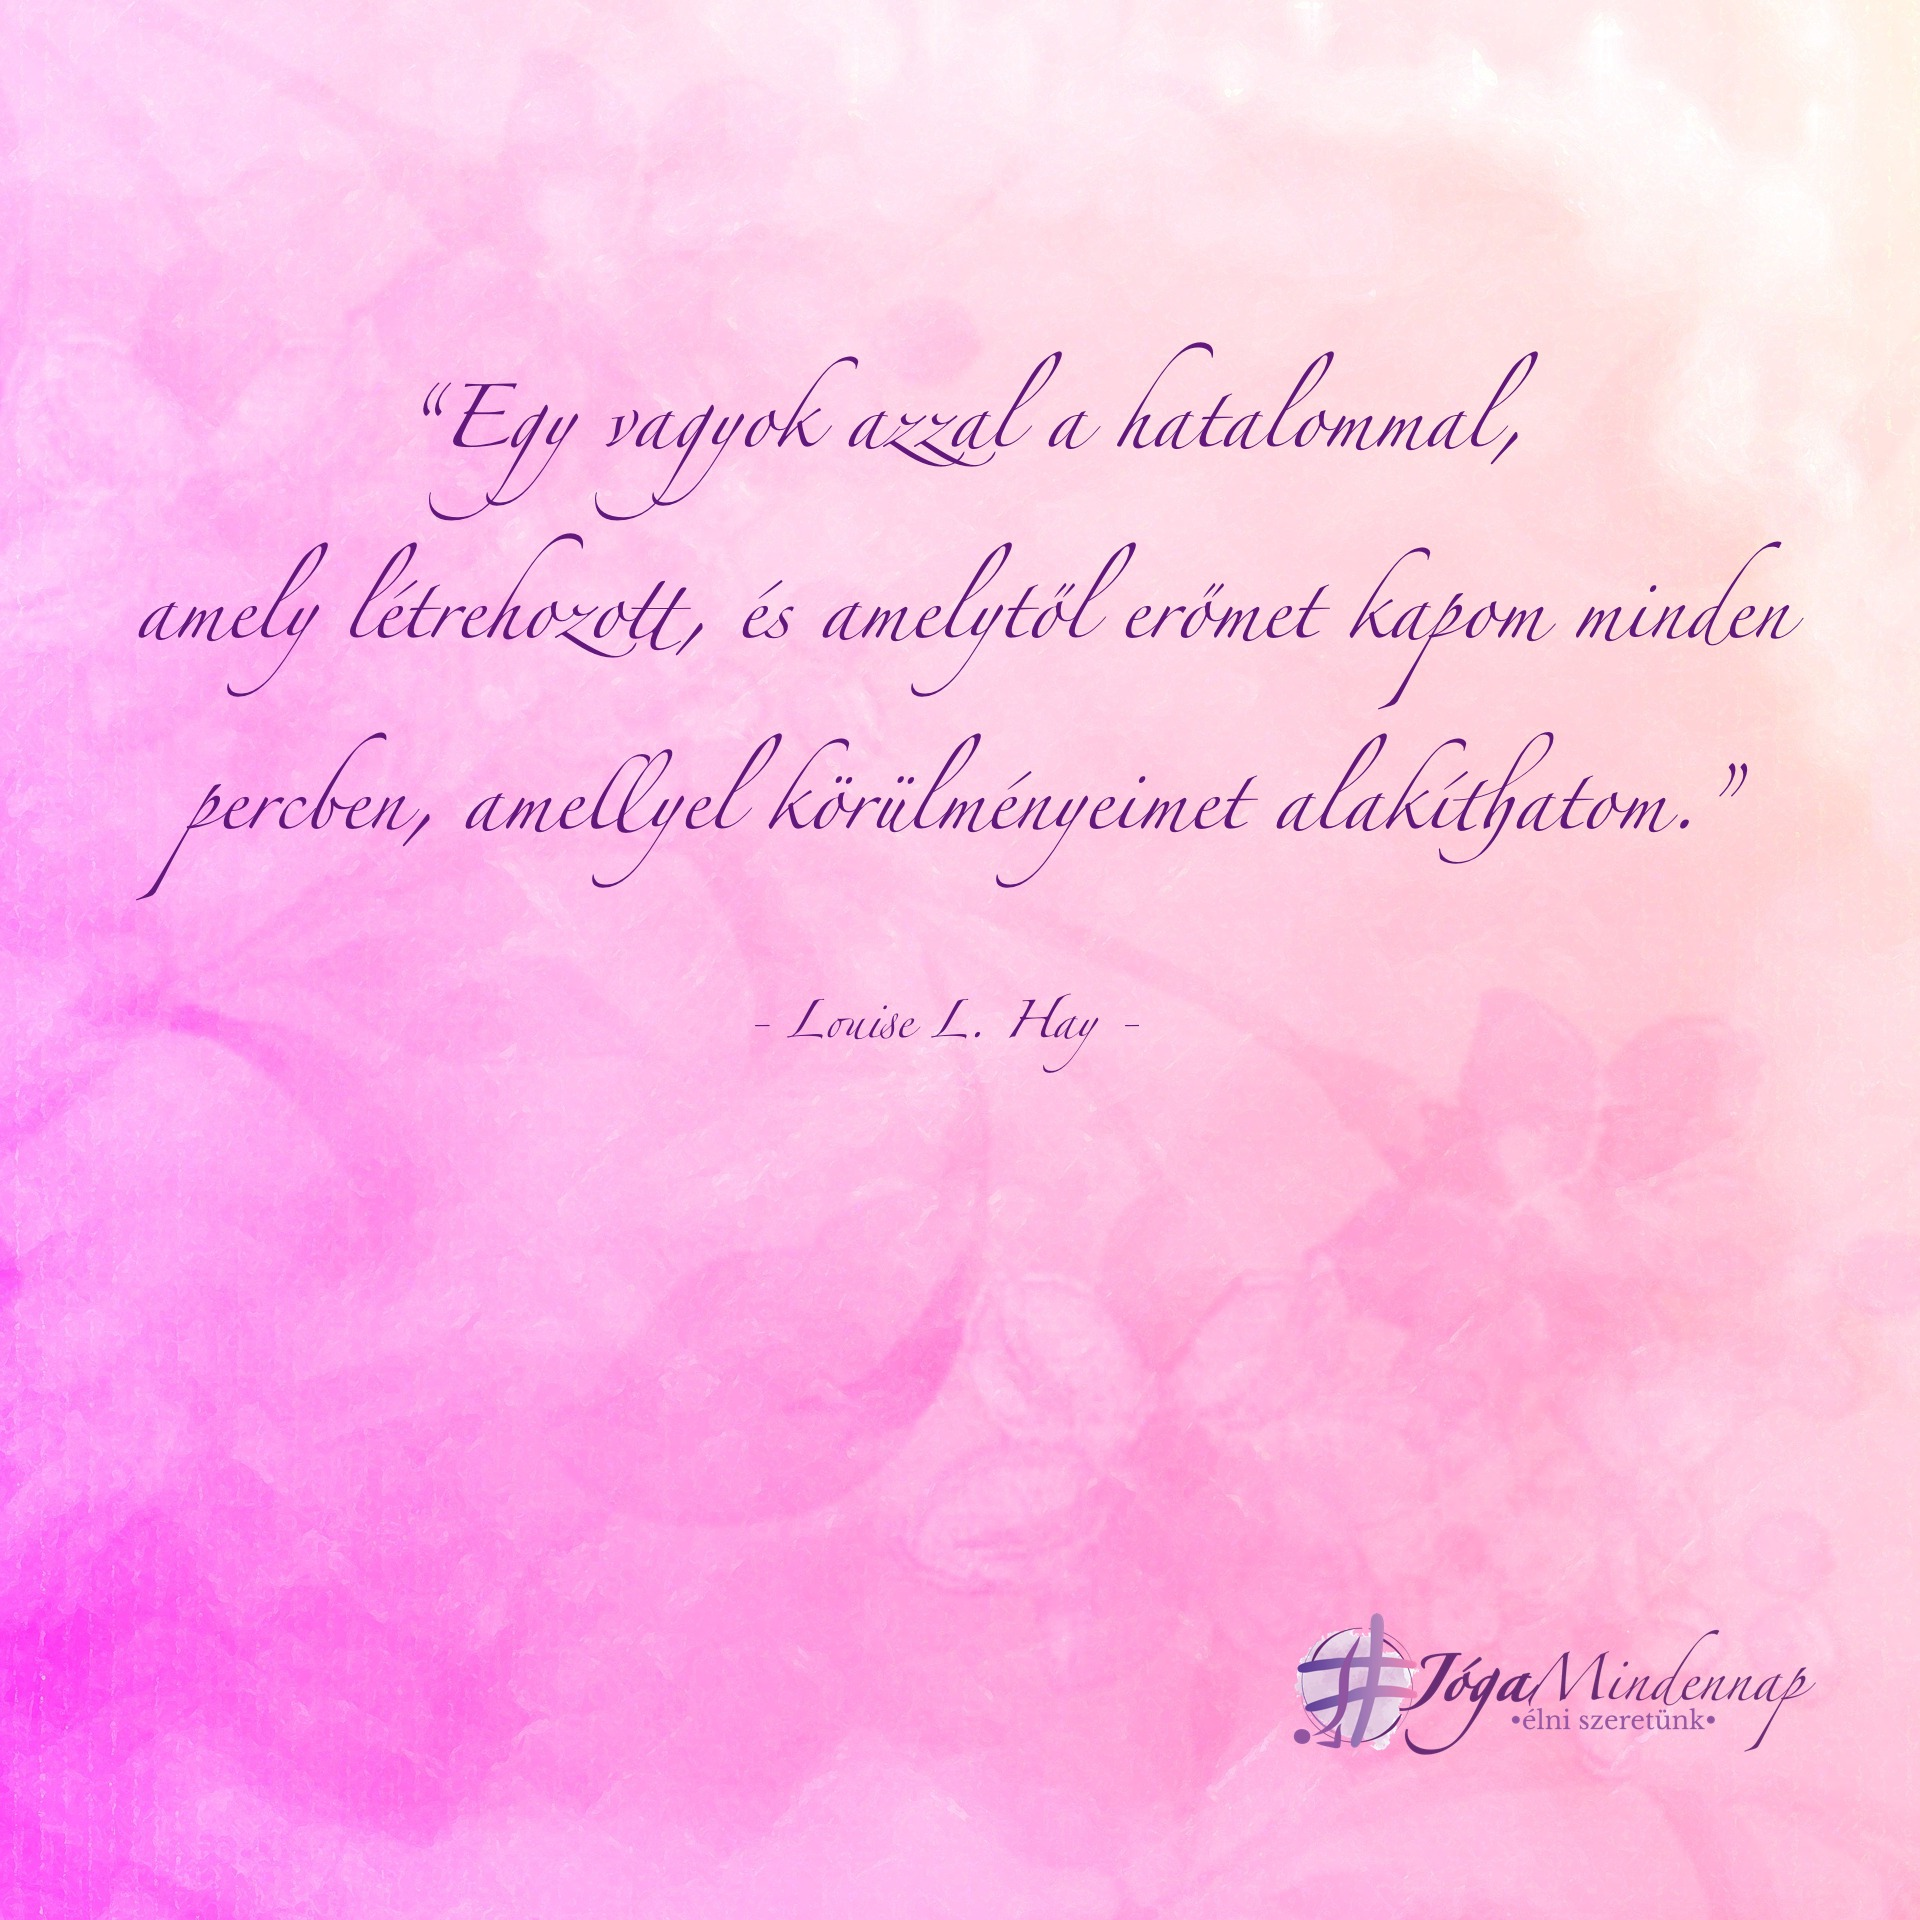 Egy vagyok azzal a hatalommal, amely létrehozott... - Loiuse L. Hay idézet - Jóga Mindennap meditáció, motiváció, megerősítés